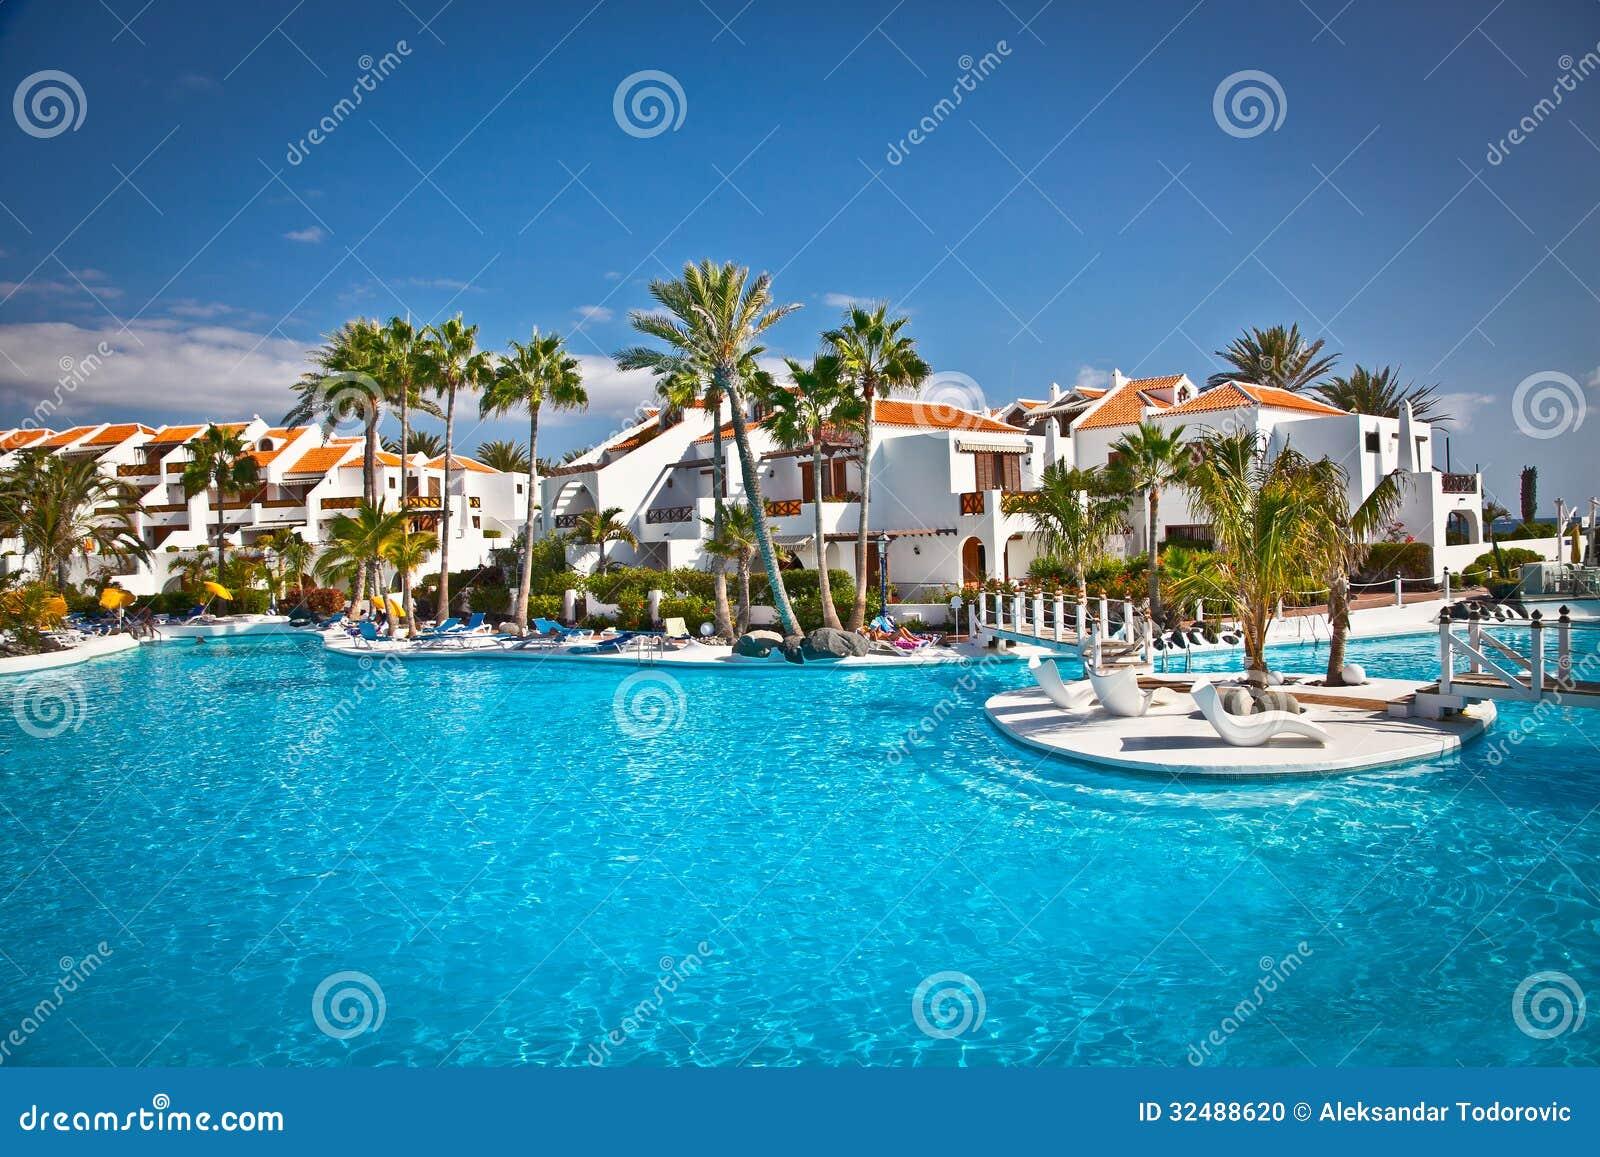 Località Di Soggiorno In Costa Adeje Su Tenerife, Spagna. Immagine ...